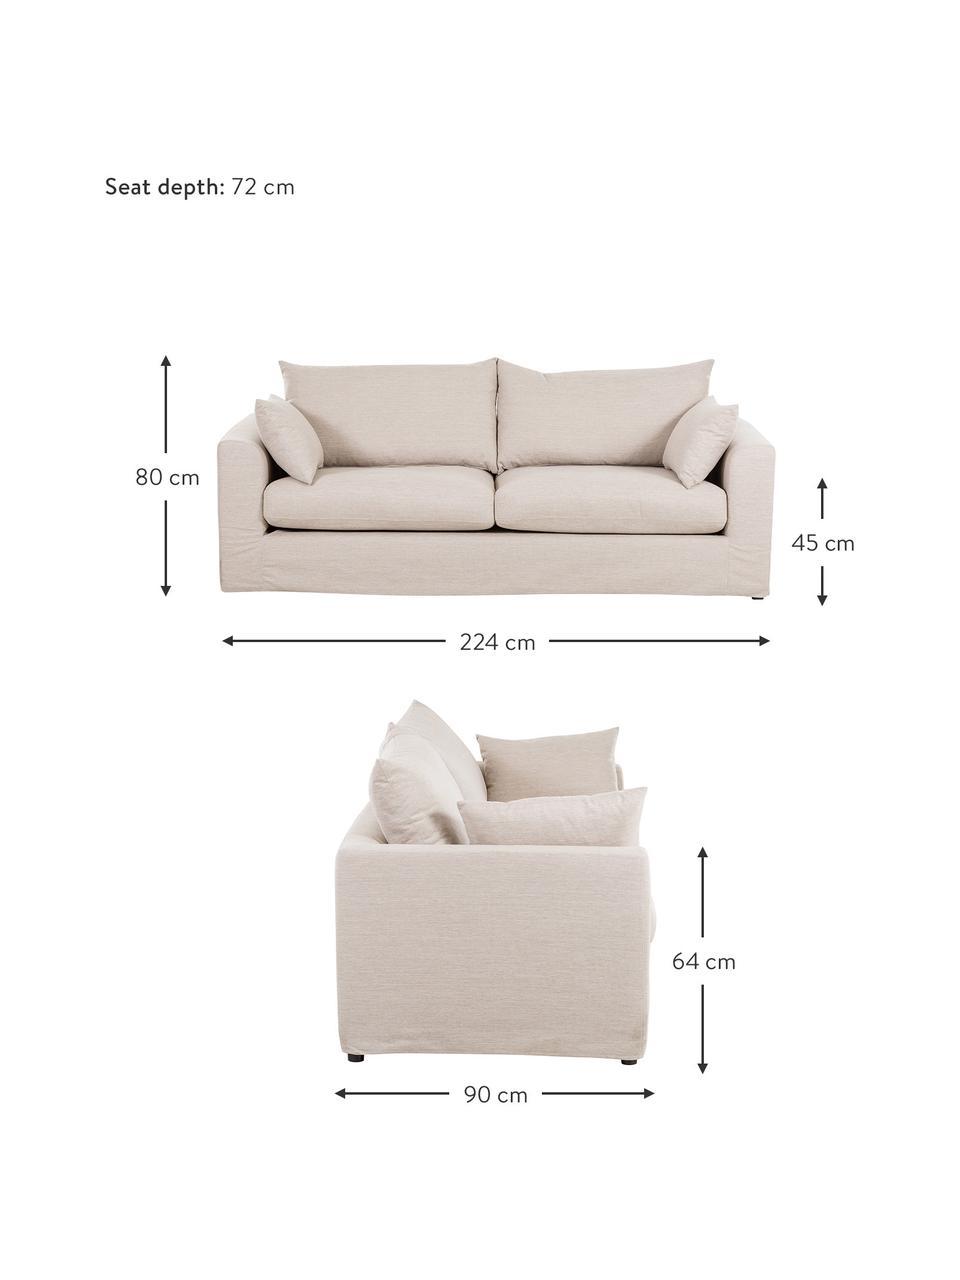 Sofa Zach (3-Sitzer) in Beige, Bezug: Polypropylen Der hochwert, Füße: Kunststoff, Webstoff Beige, B 224 x T 90 cm